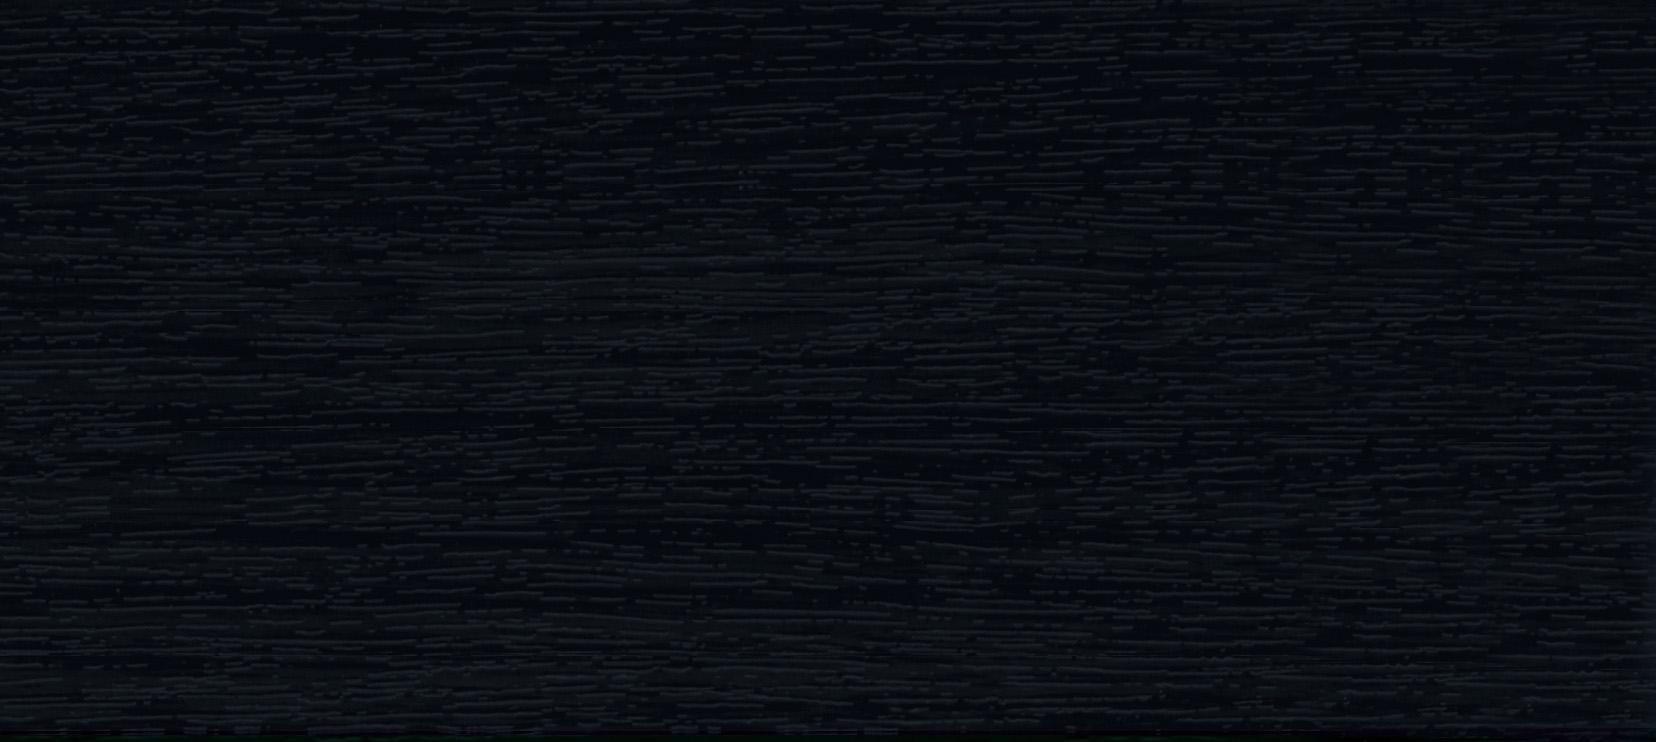 RAL-5004 -Monumenten-Blau